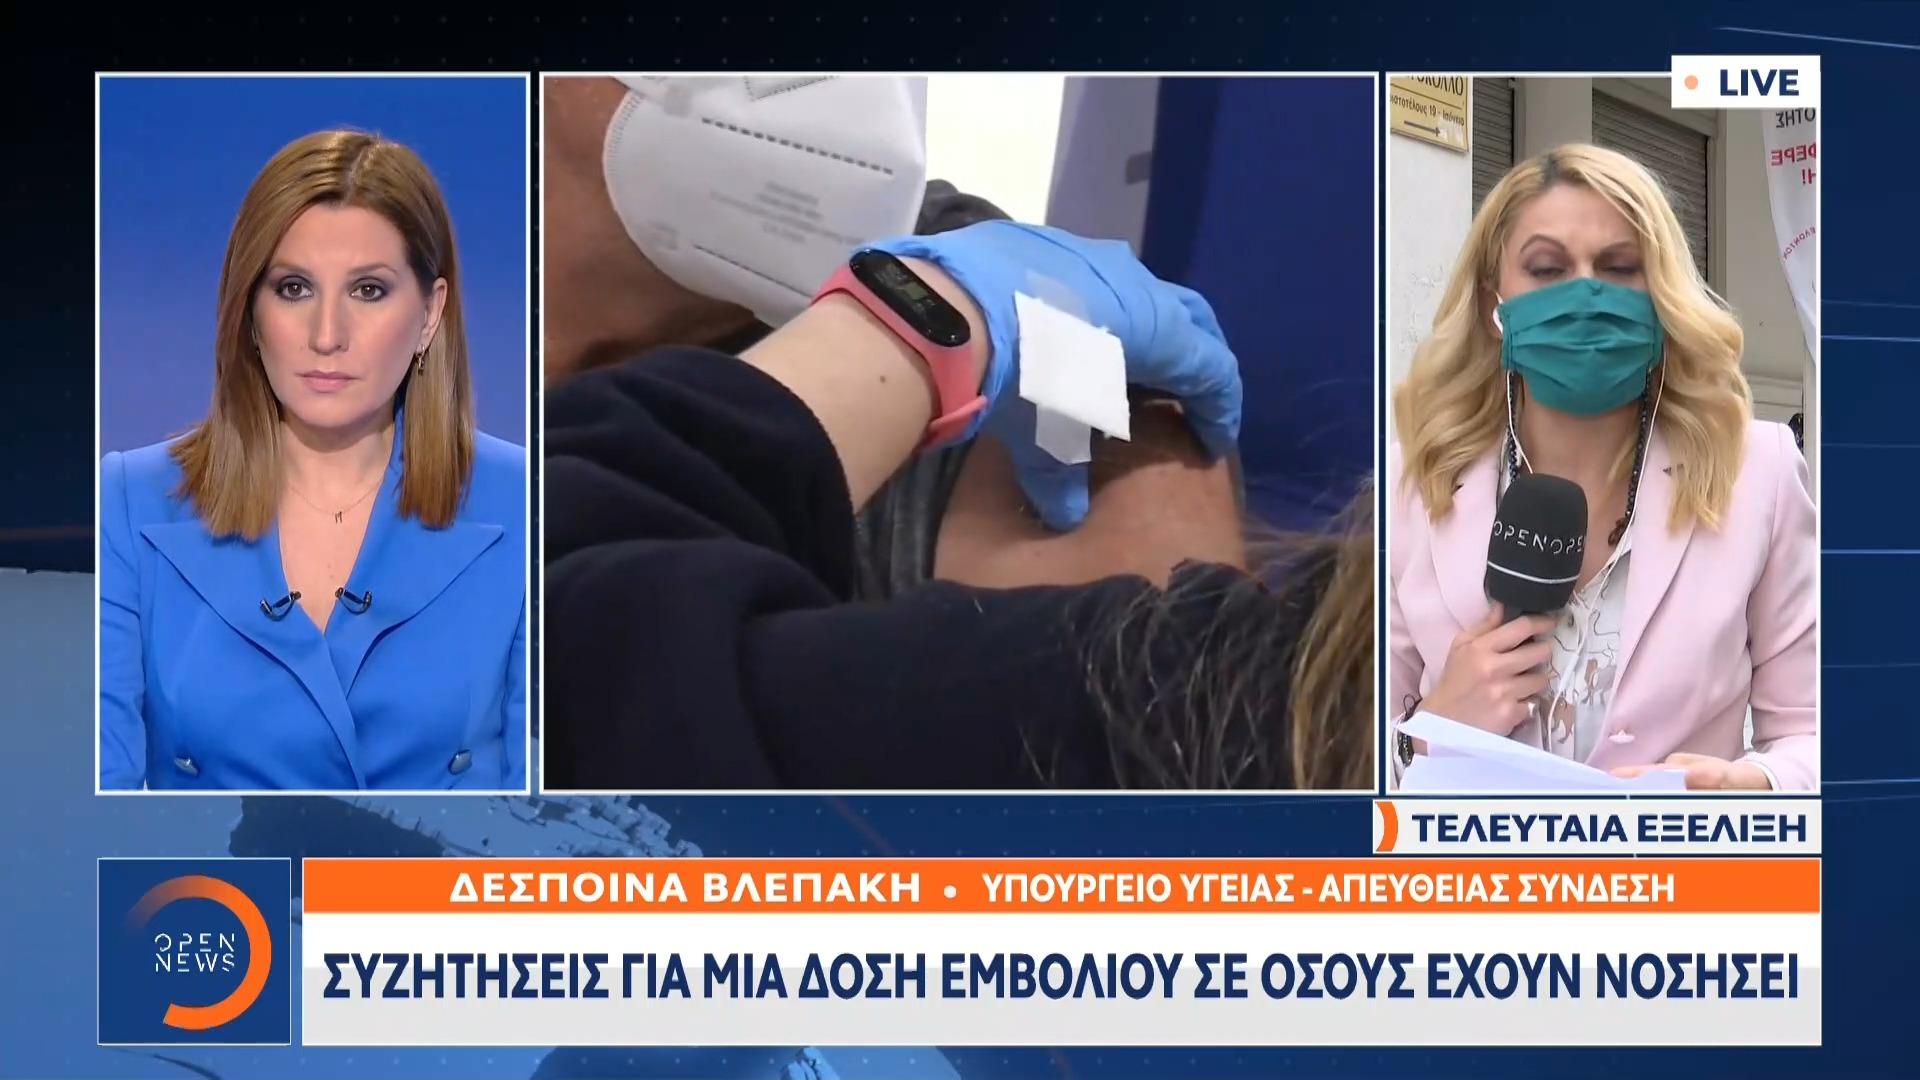 Θα συνεχιστούν κανονικά   στην Ελλάδα οι εμβολιασμοί με AstraZeneca